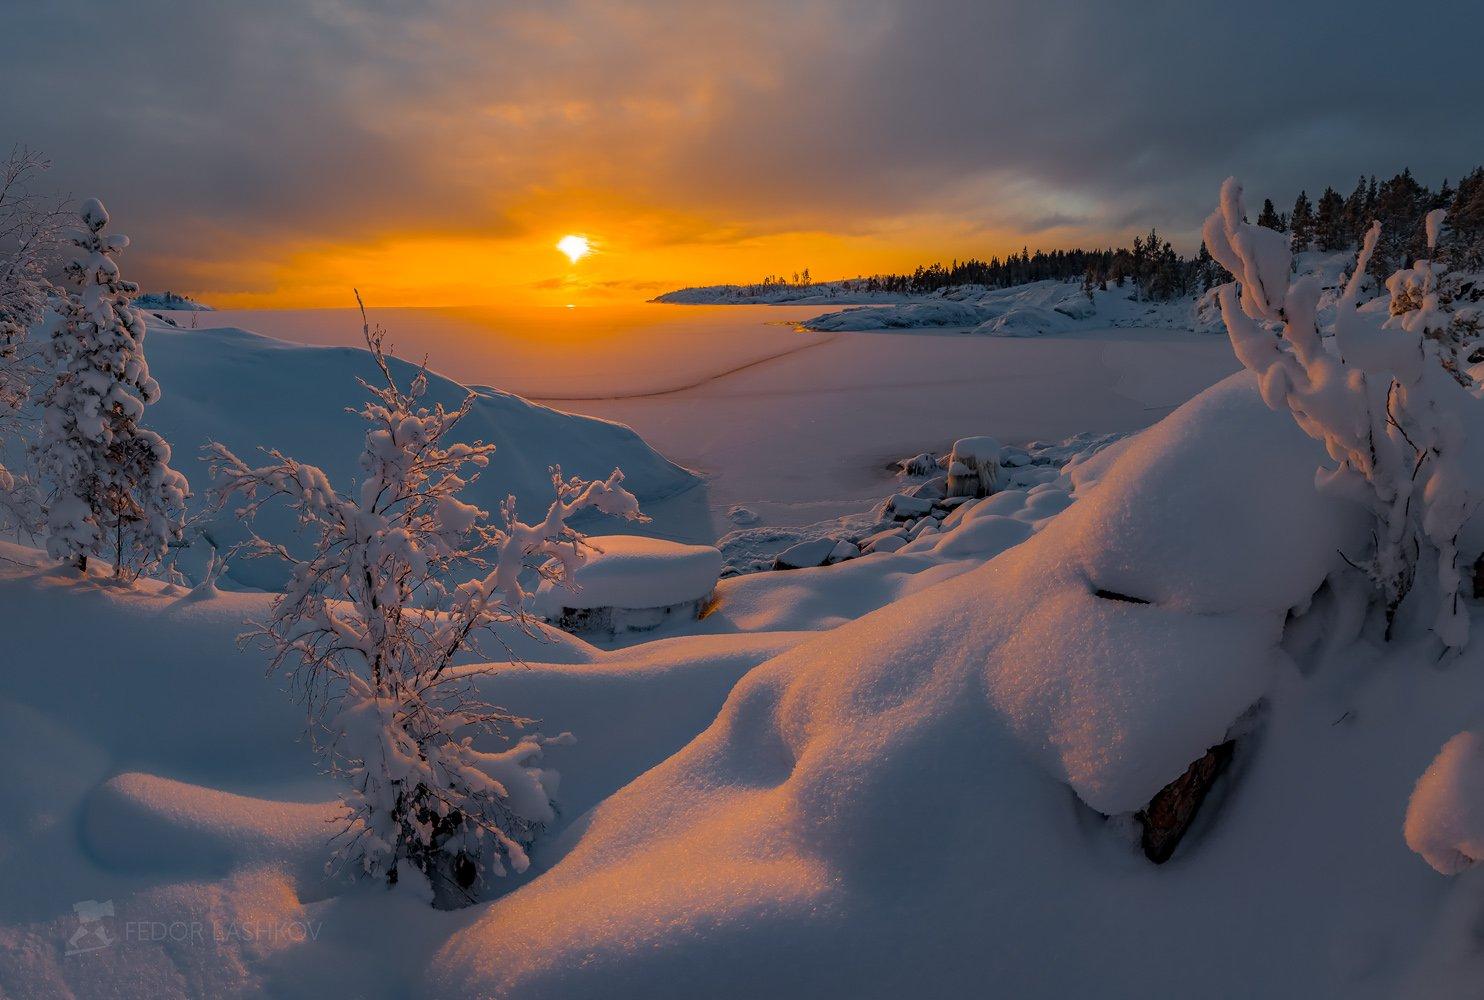 Ладожское озеро, Карелия, шхеры, зима, снег, рассвет, солнце, небо, дерево, лёд, время года, , Лашков Фёдор